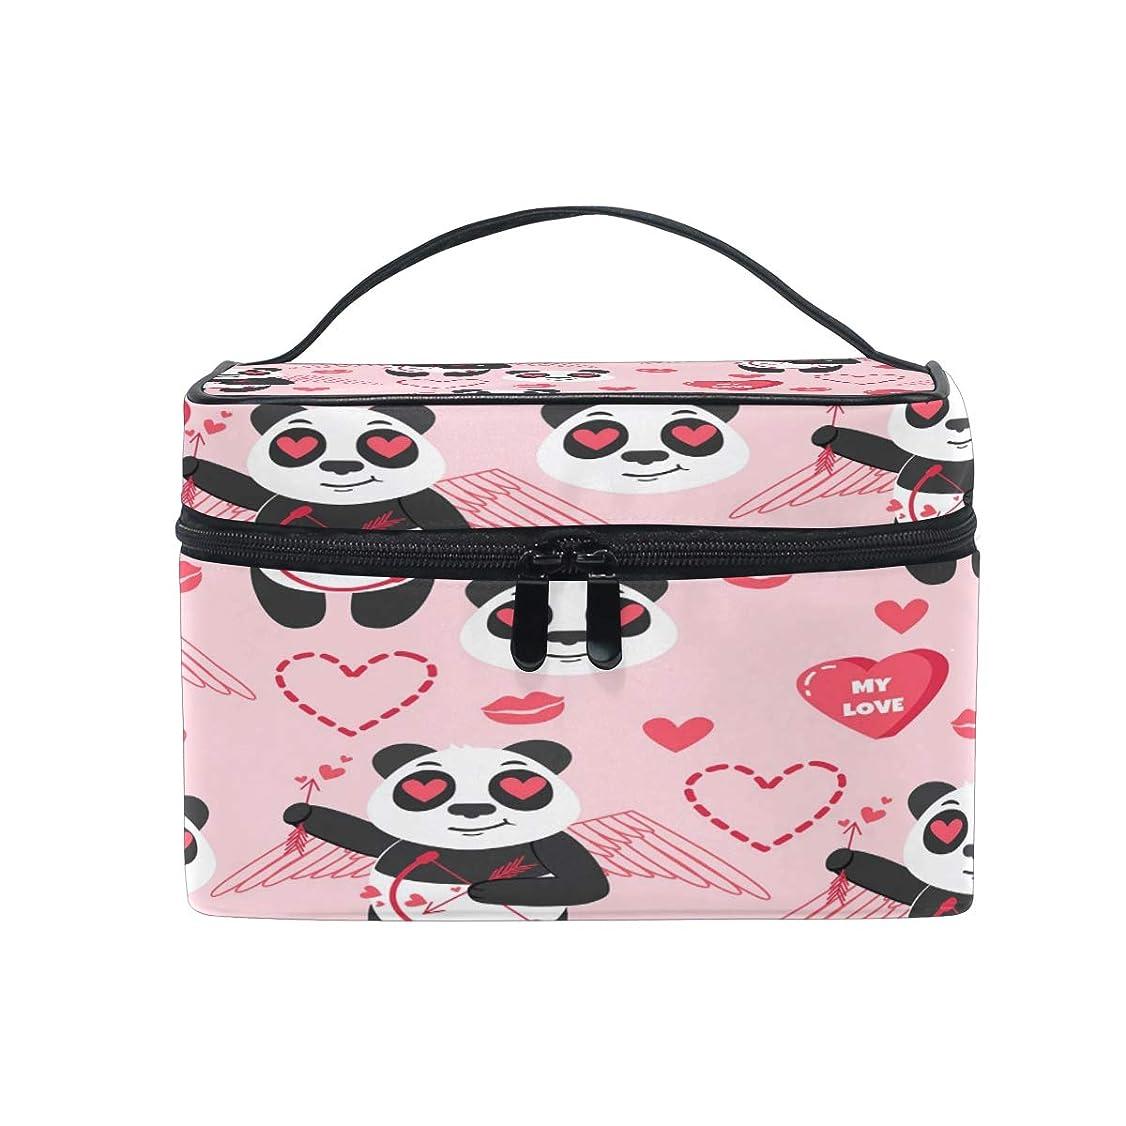 衰える路地ロデオUOOYA バレンタインデー パンダ Panda おしゃれ メイクボックス 大容量 持ち運び メイクポーチ 人気 小物入れ 通学 通勤 旅行用 プレゼント用